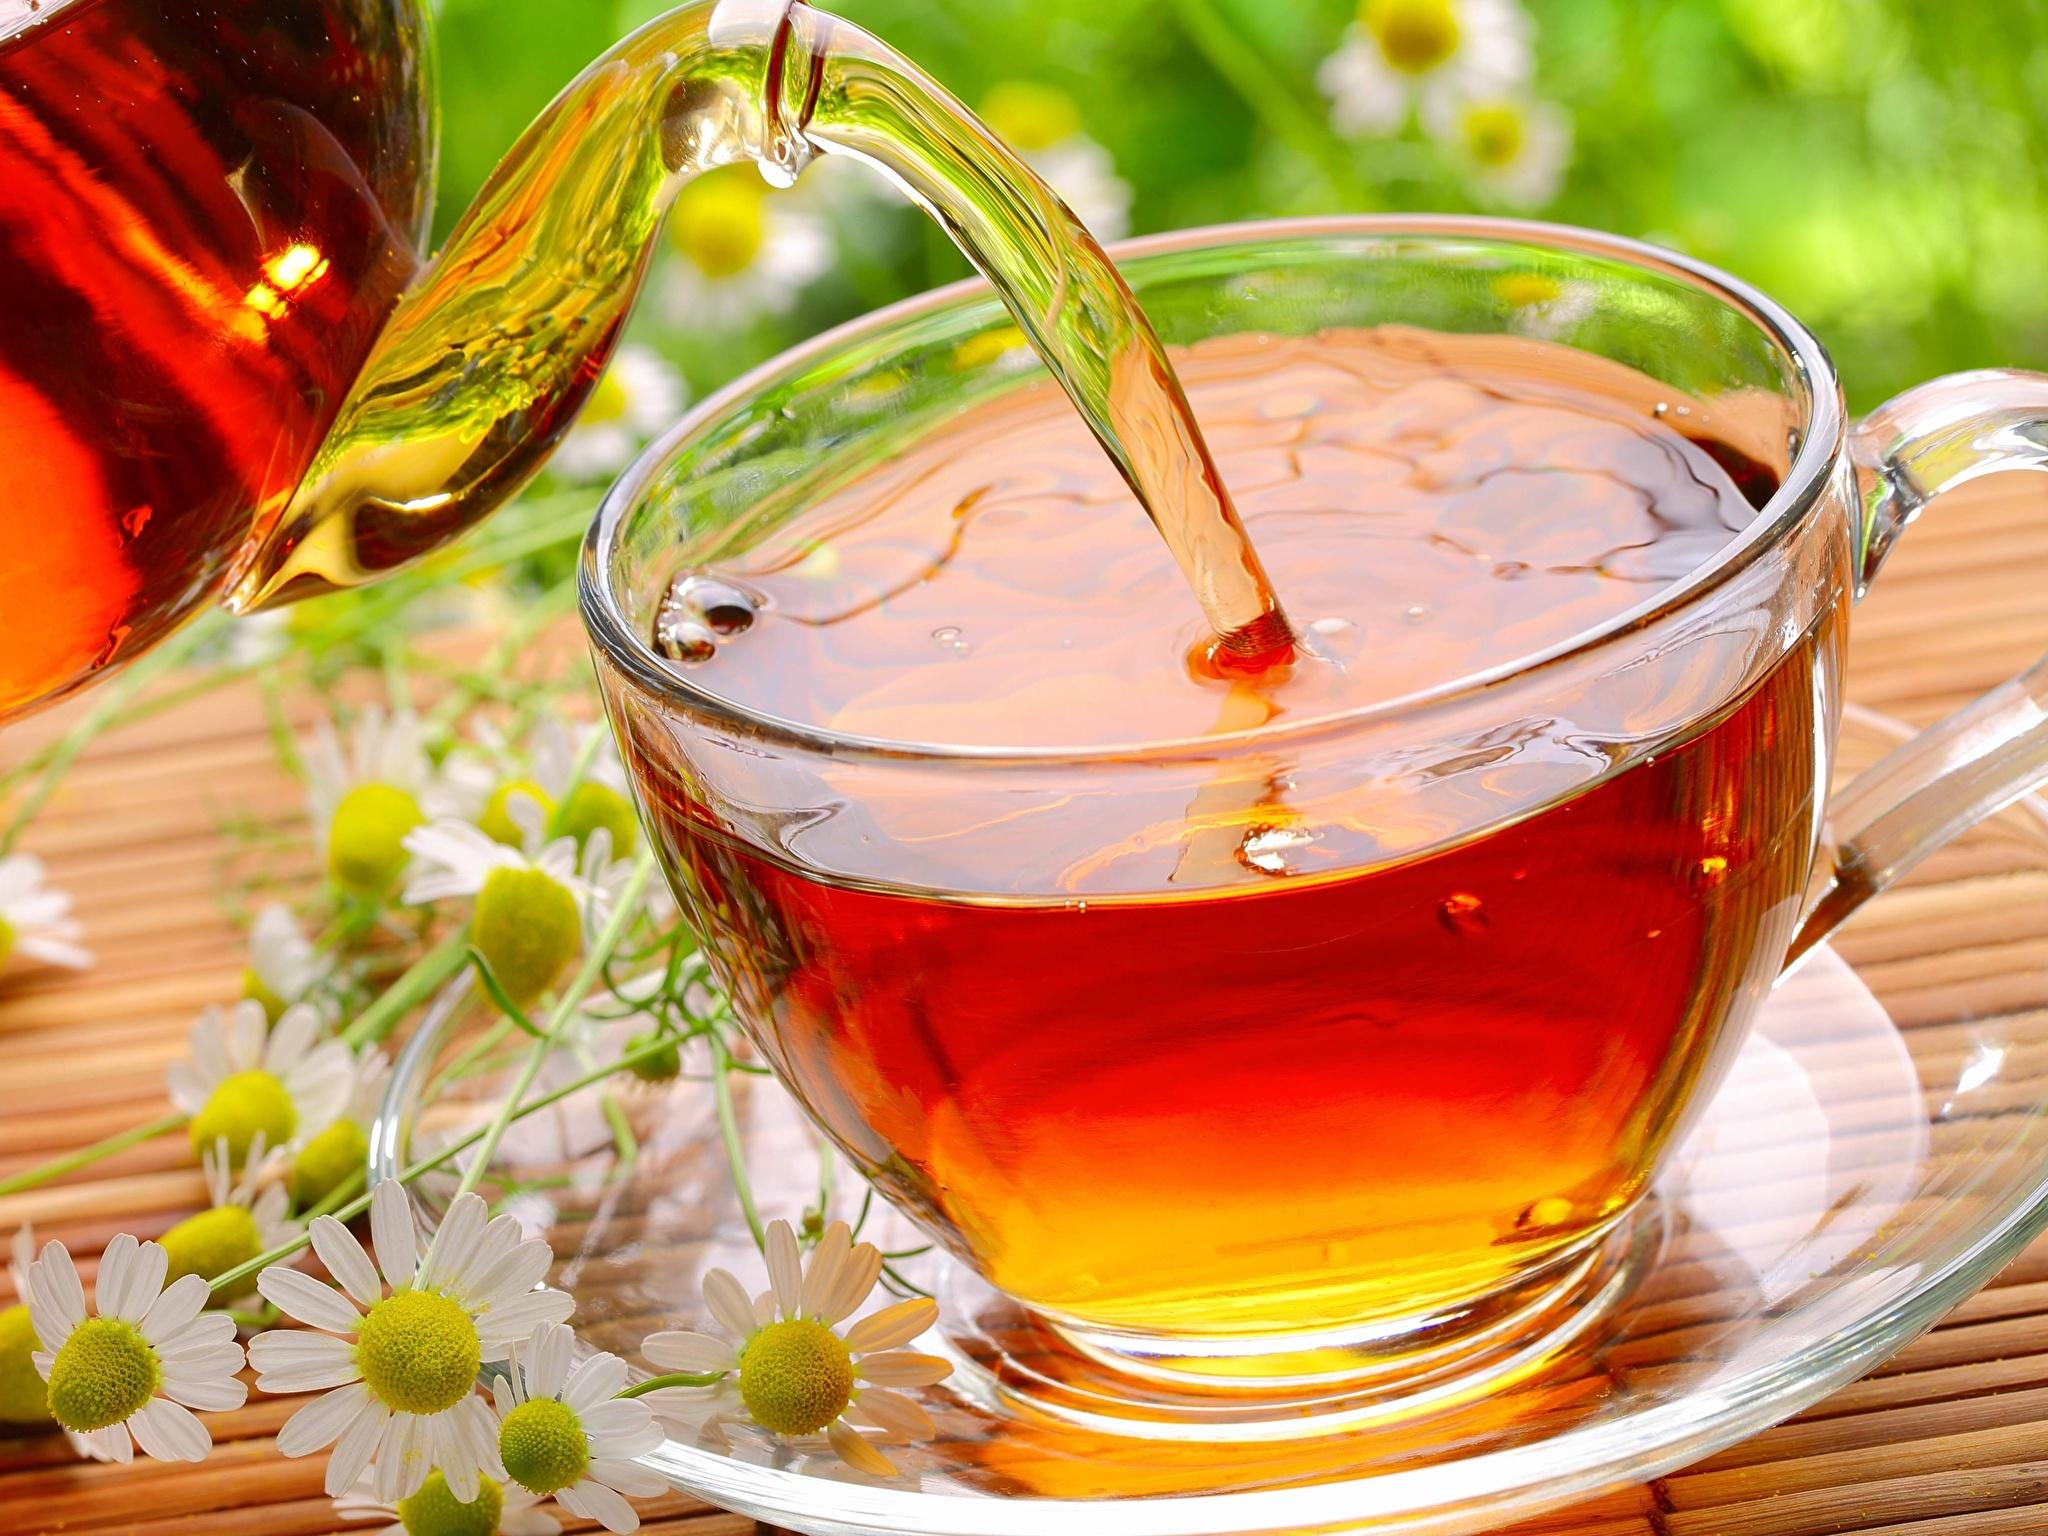 Рейтинг лучших марок чая в пакетиках на 2020 год